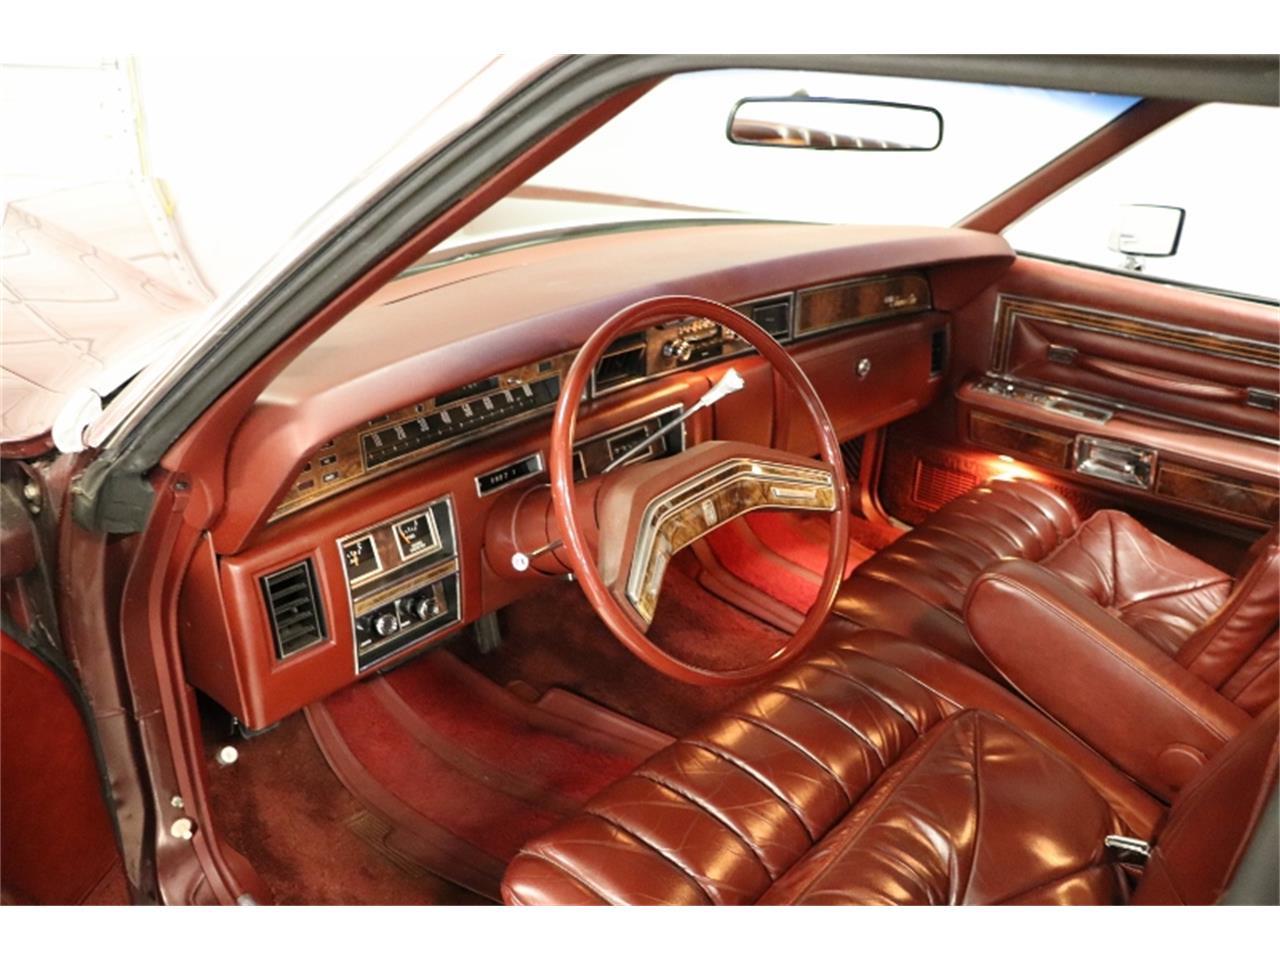 1977 Lincoln Continental (CC-1272454) for sale in Lillington, North Caarolina